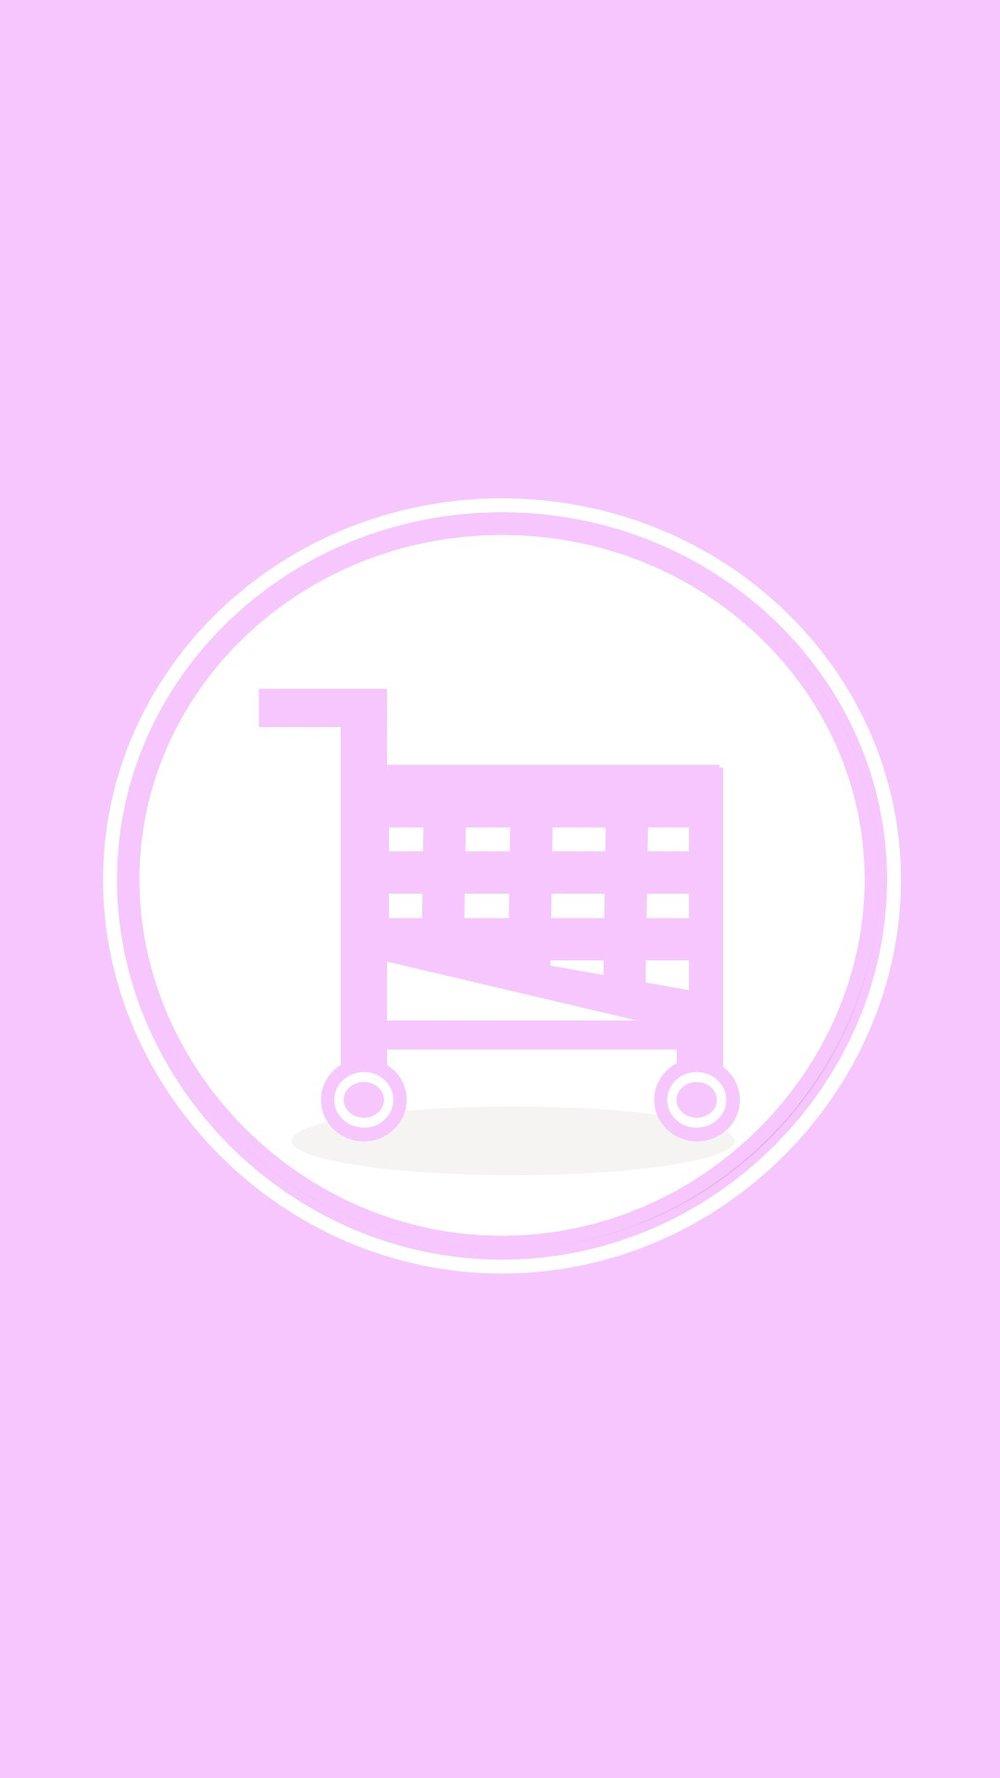 Instagram-cover-shopping-car-pinkwhite-madebylottyvargas-lotnotes.jpg